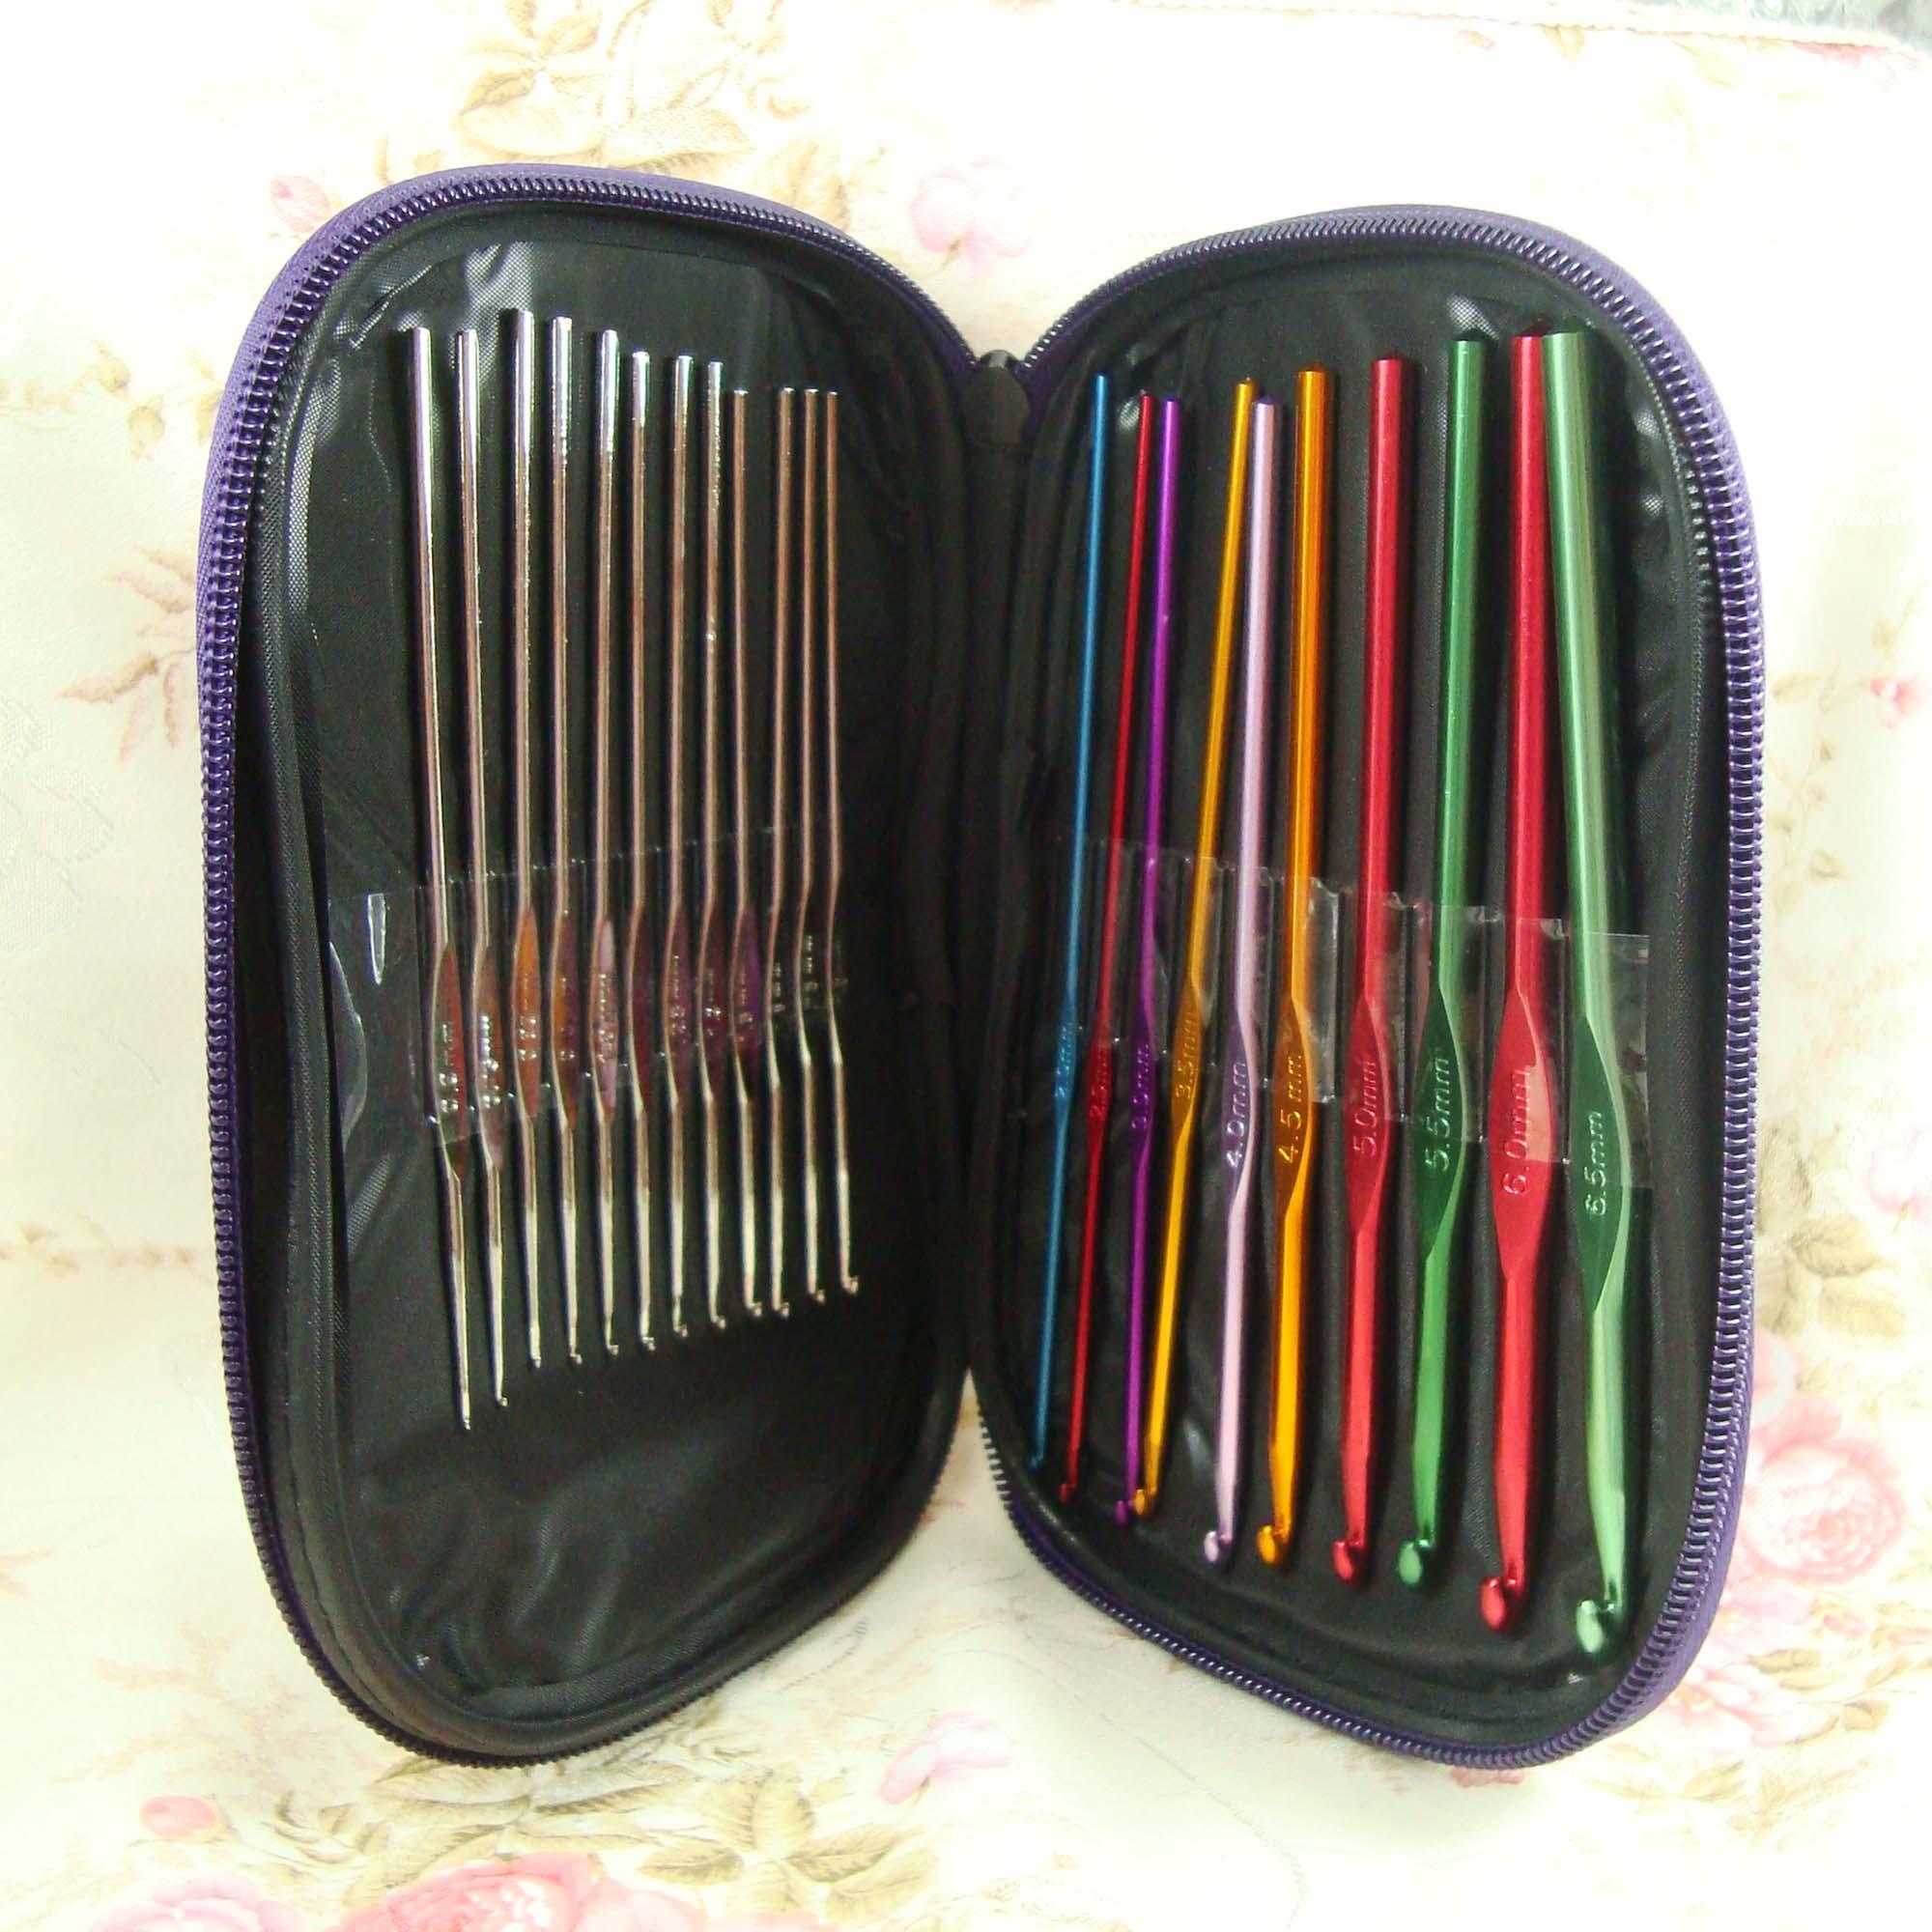 Аксессуар Ткачество инструменты DIY цвет + серебристый металлик свитер крючком иглы иглы набор 22